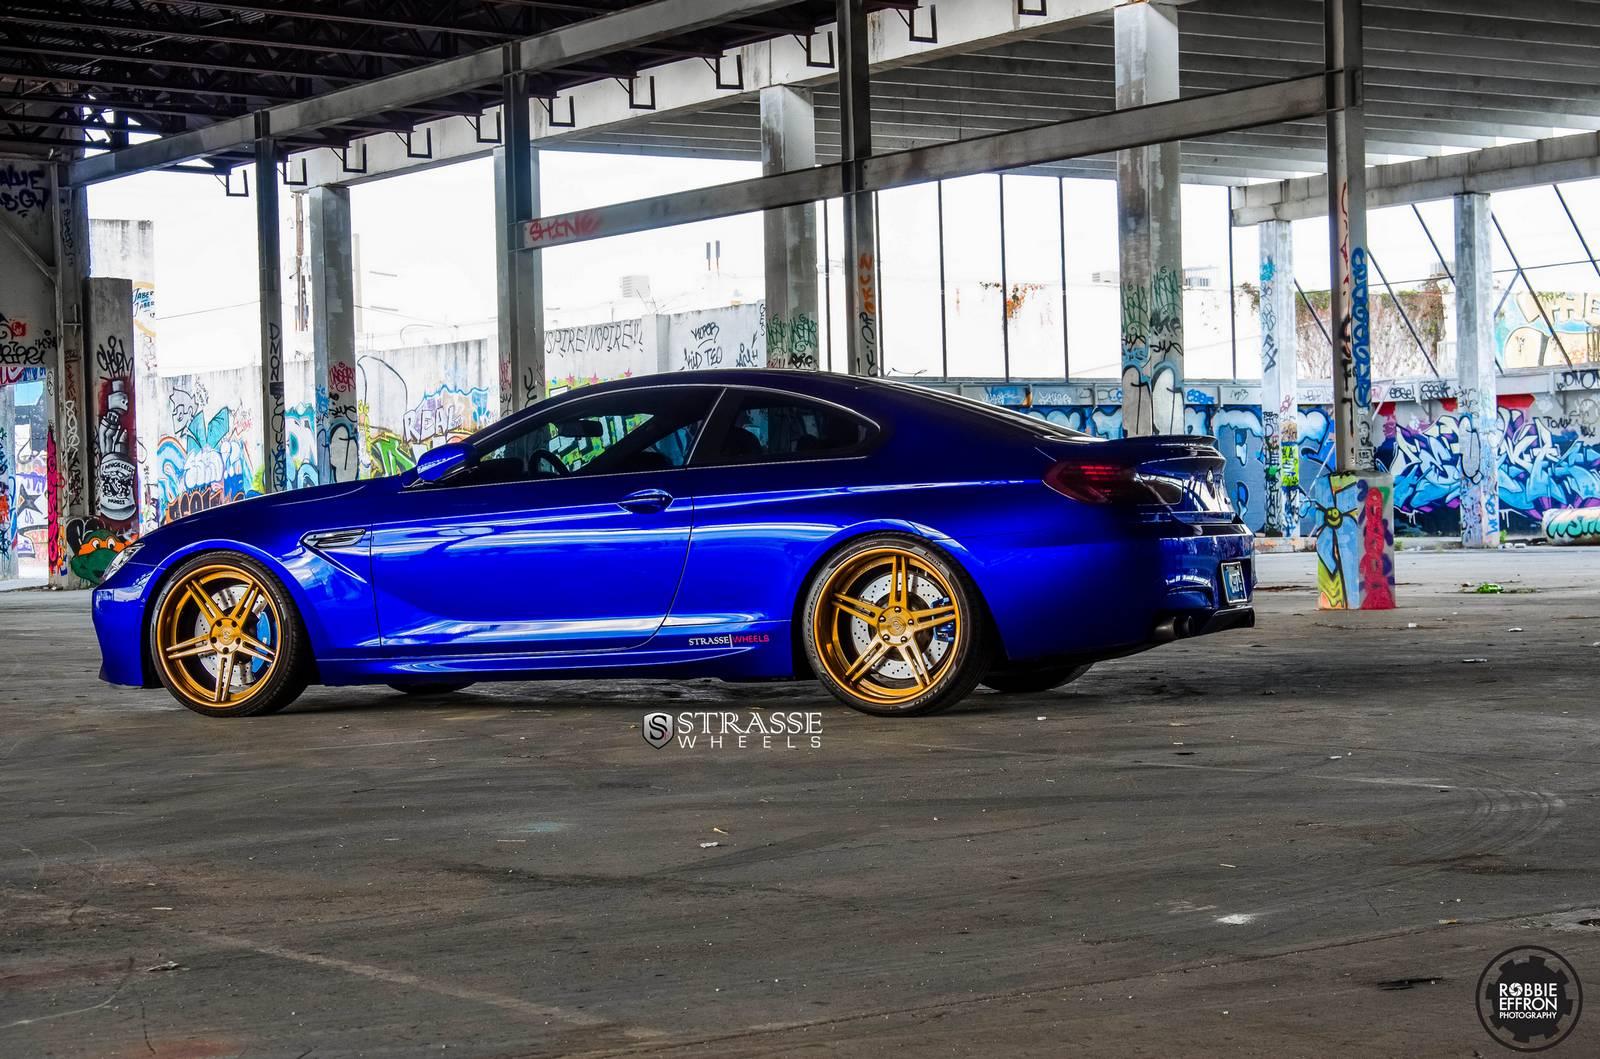 Superior Auto Sales >> San Marino Blue BMW M6 with Bronze Strasse Wheels - GTspirit